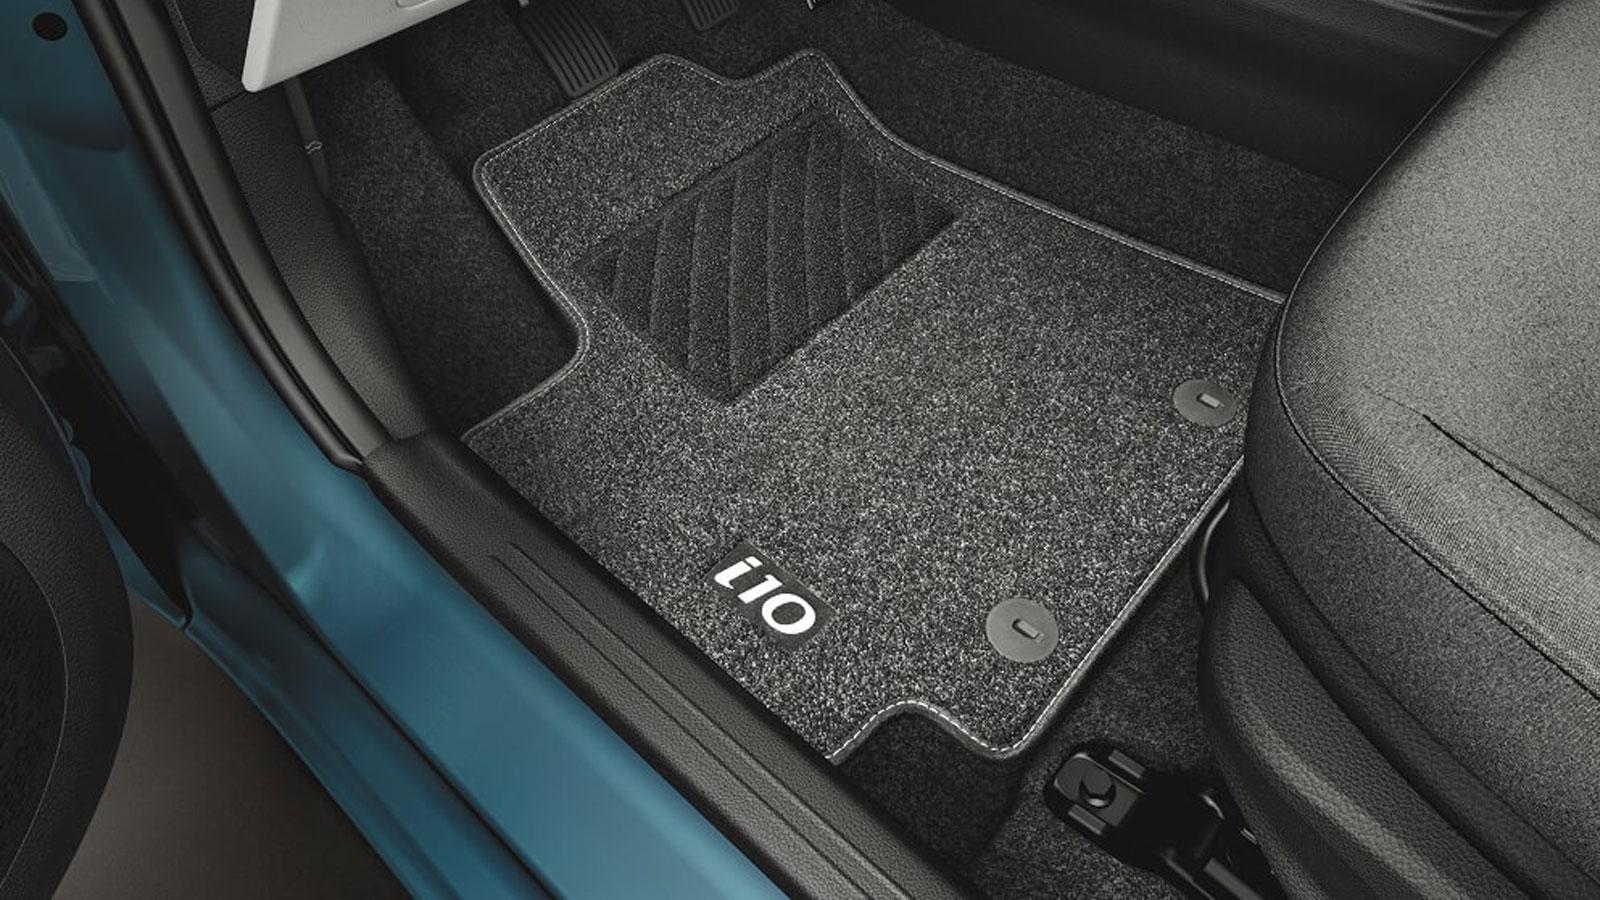 Τα στάνταρ πατάκια της Hyundai κατασκευάζονται από νήμα πολυπροπυλενίου (PP needle felt) και έχουν τσόχινη υφή.